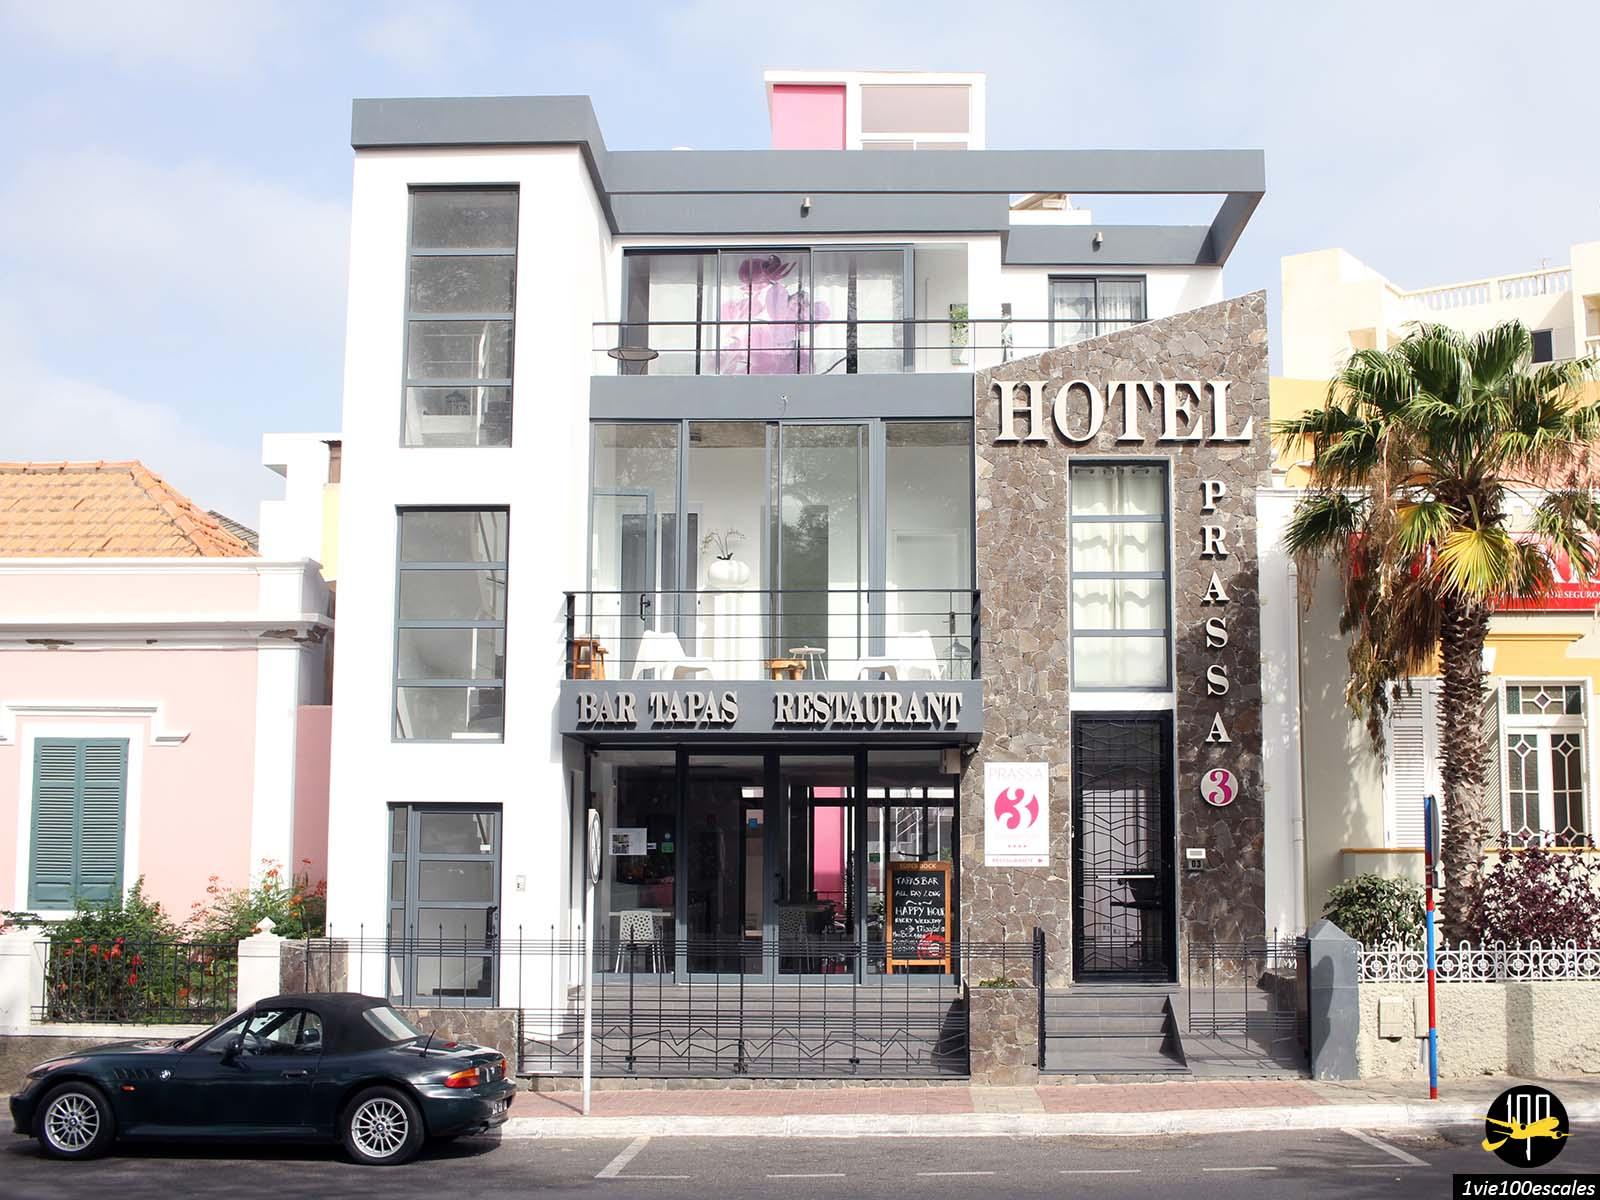 Le Prassa 3 Boutique Hotel à Mindelo sur l'île de Sao Vicente